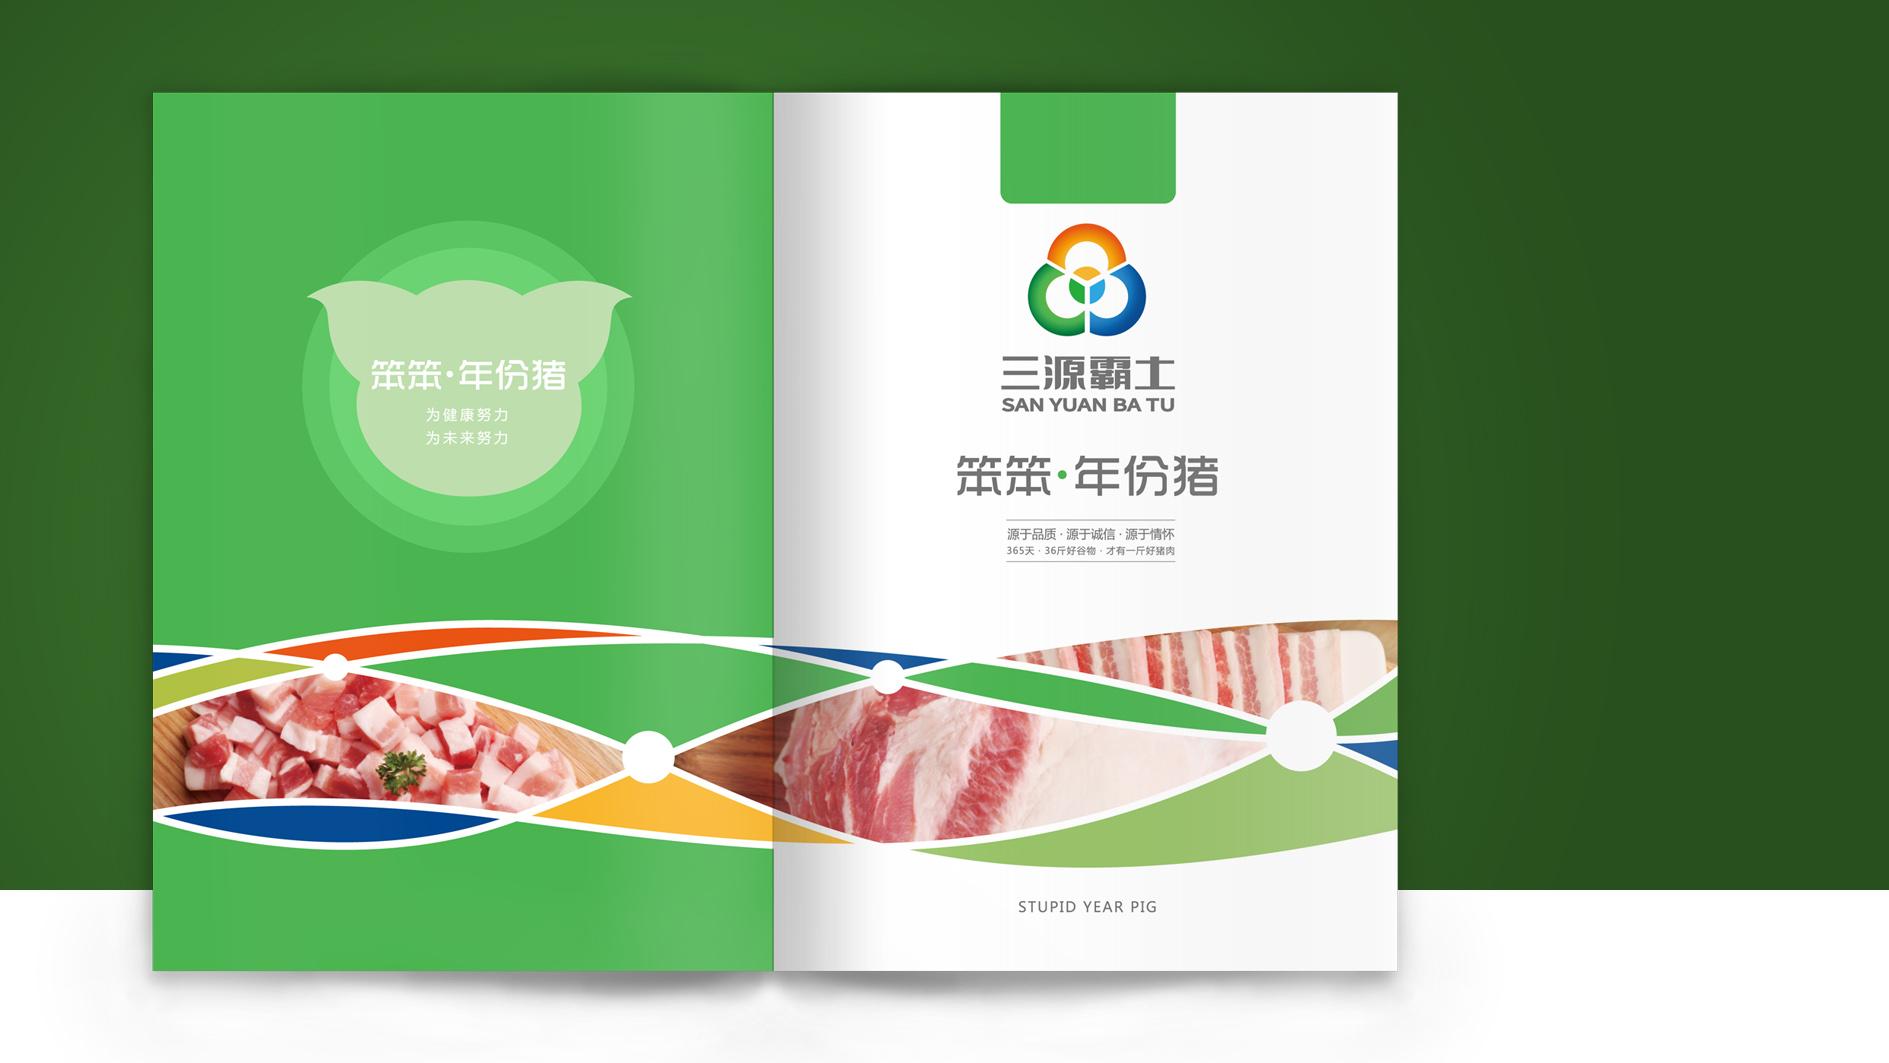 三源霸土猪肉品牌画册设计